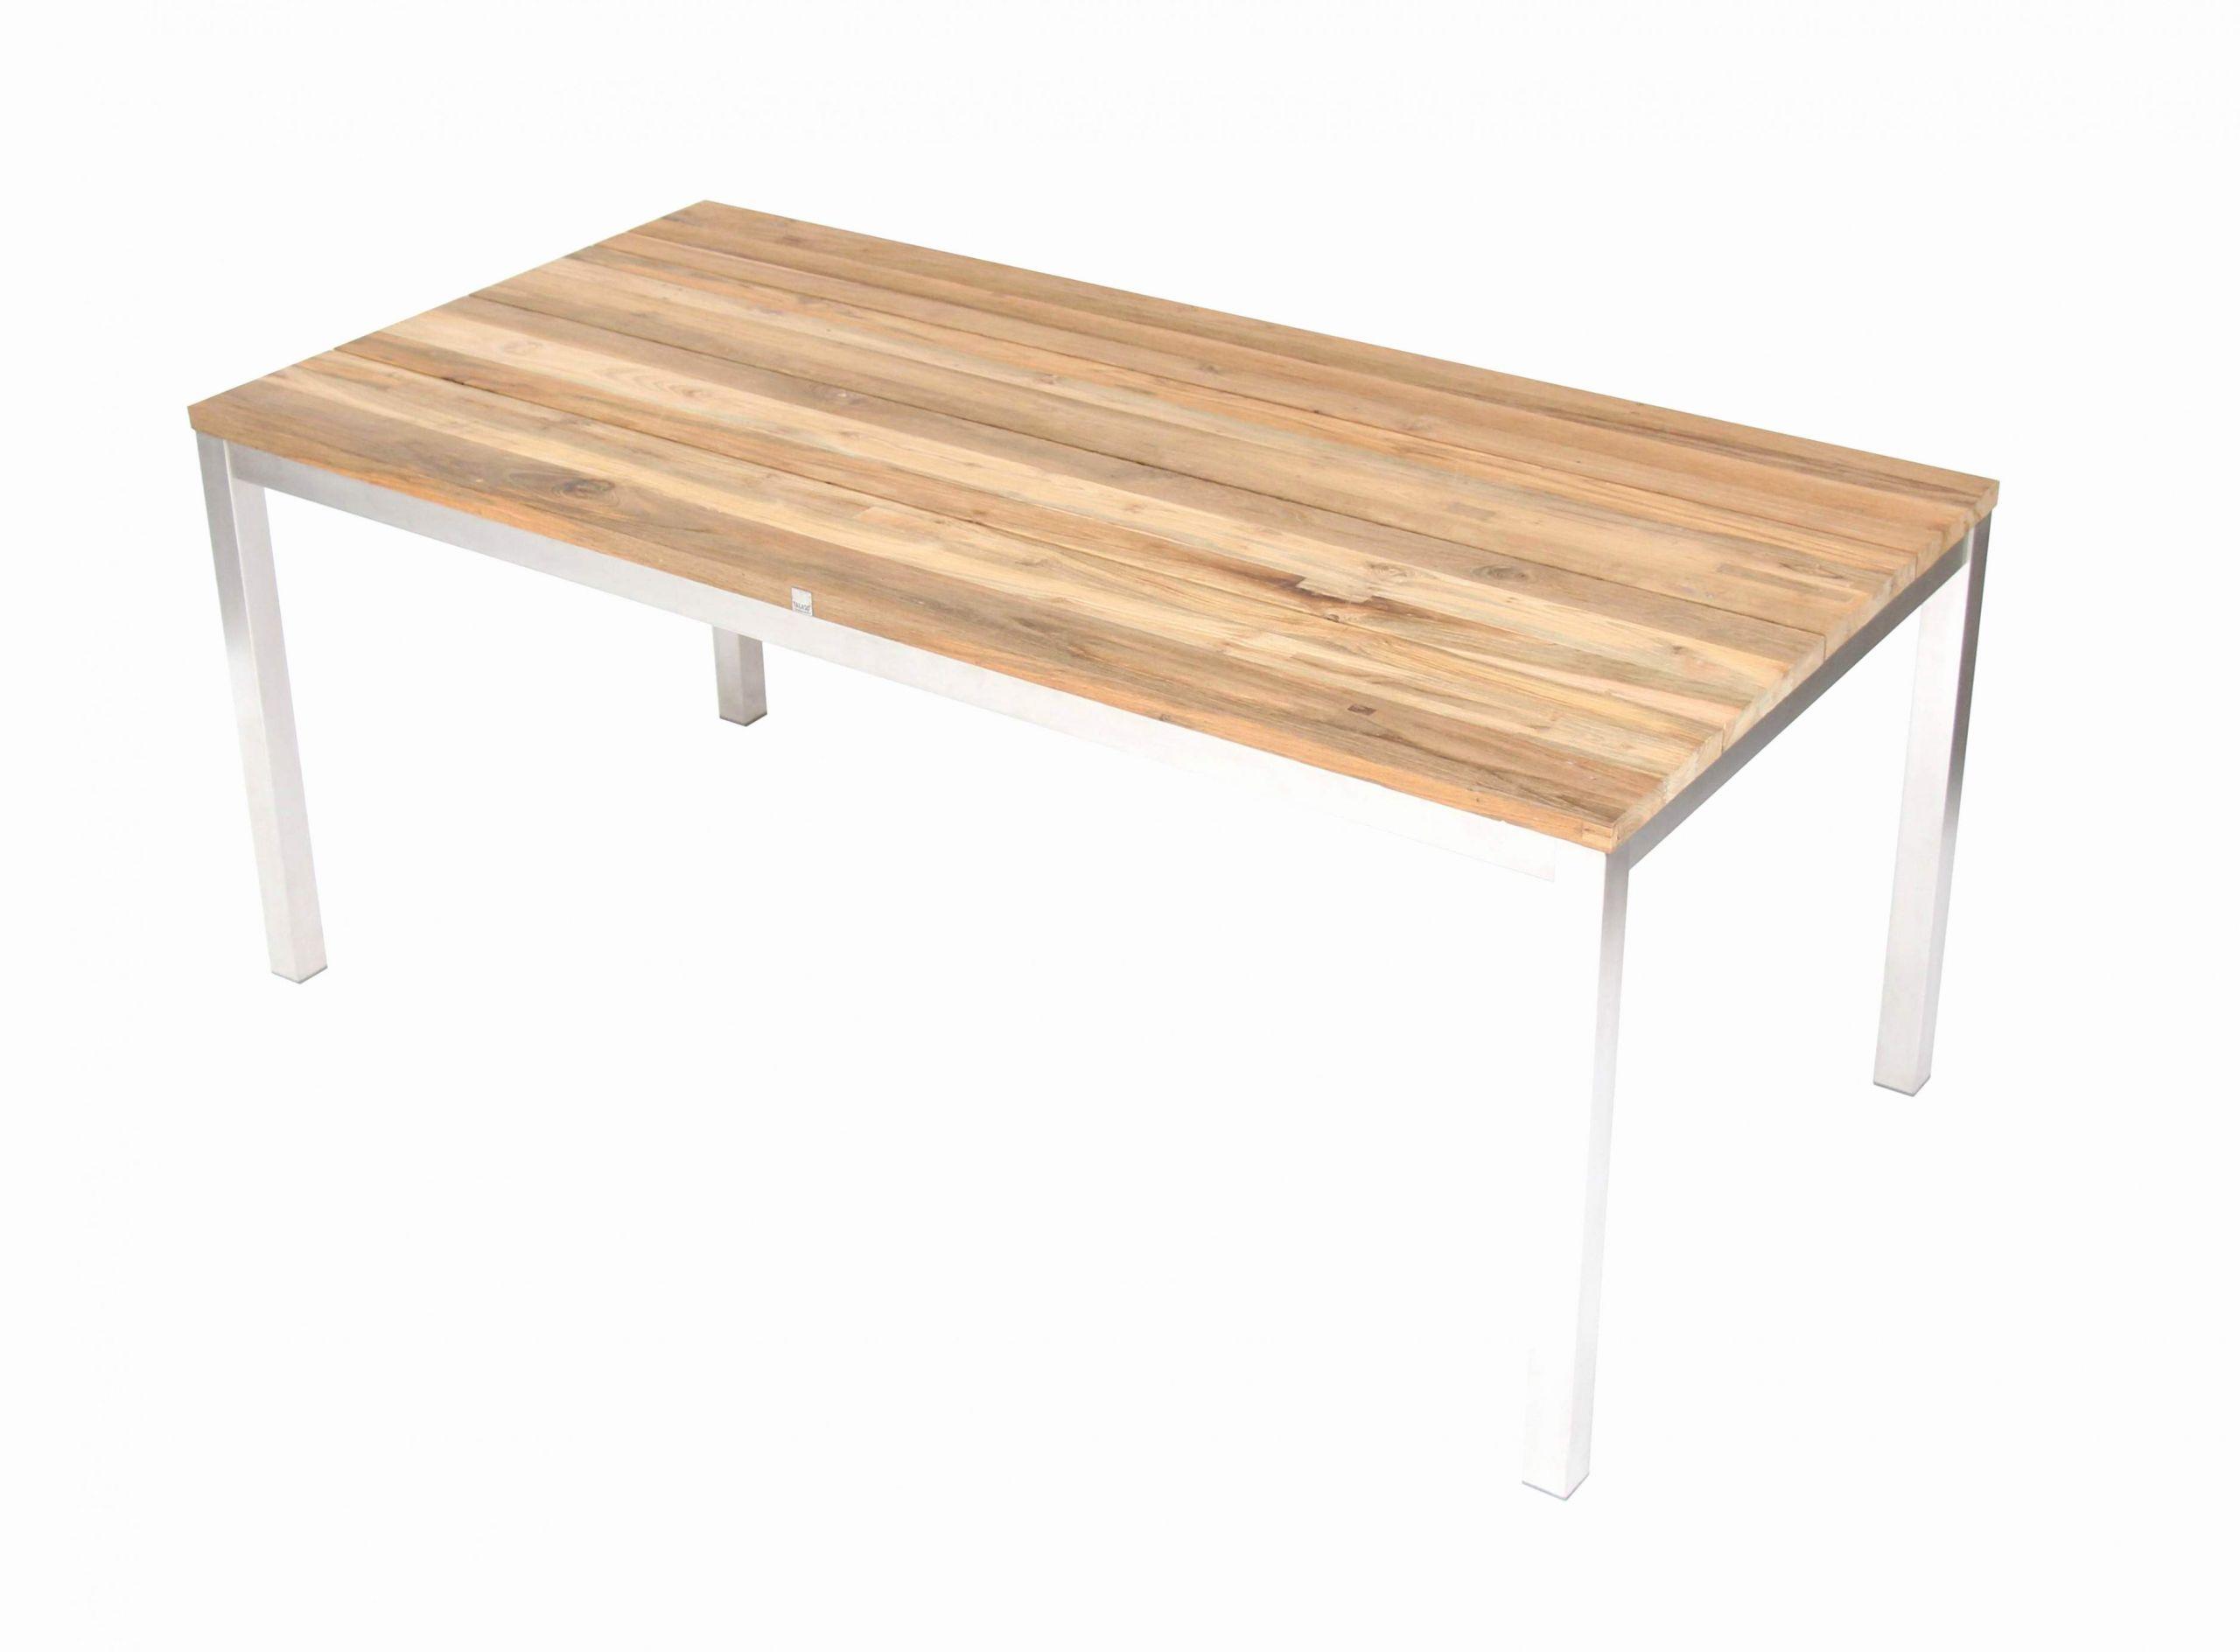 tischgestell selber bauen genial tisch palette wunderschon holztisch wohnzimmertisch selber bauen wohnzimmertisch selber bauen